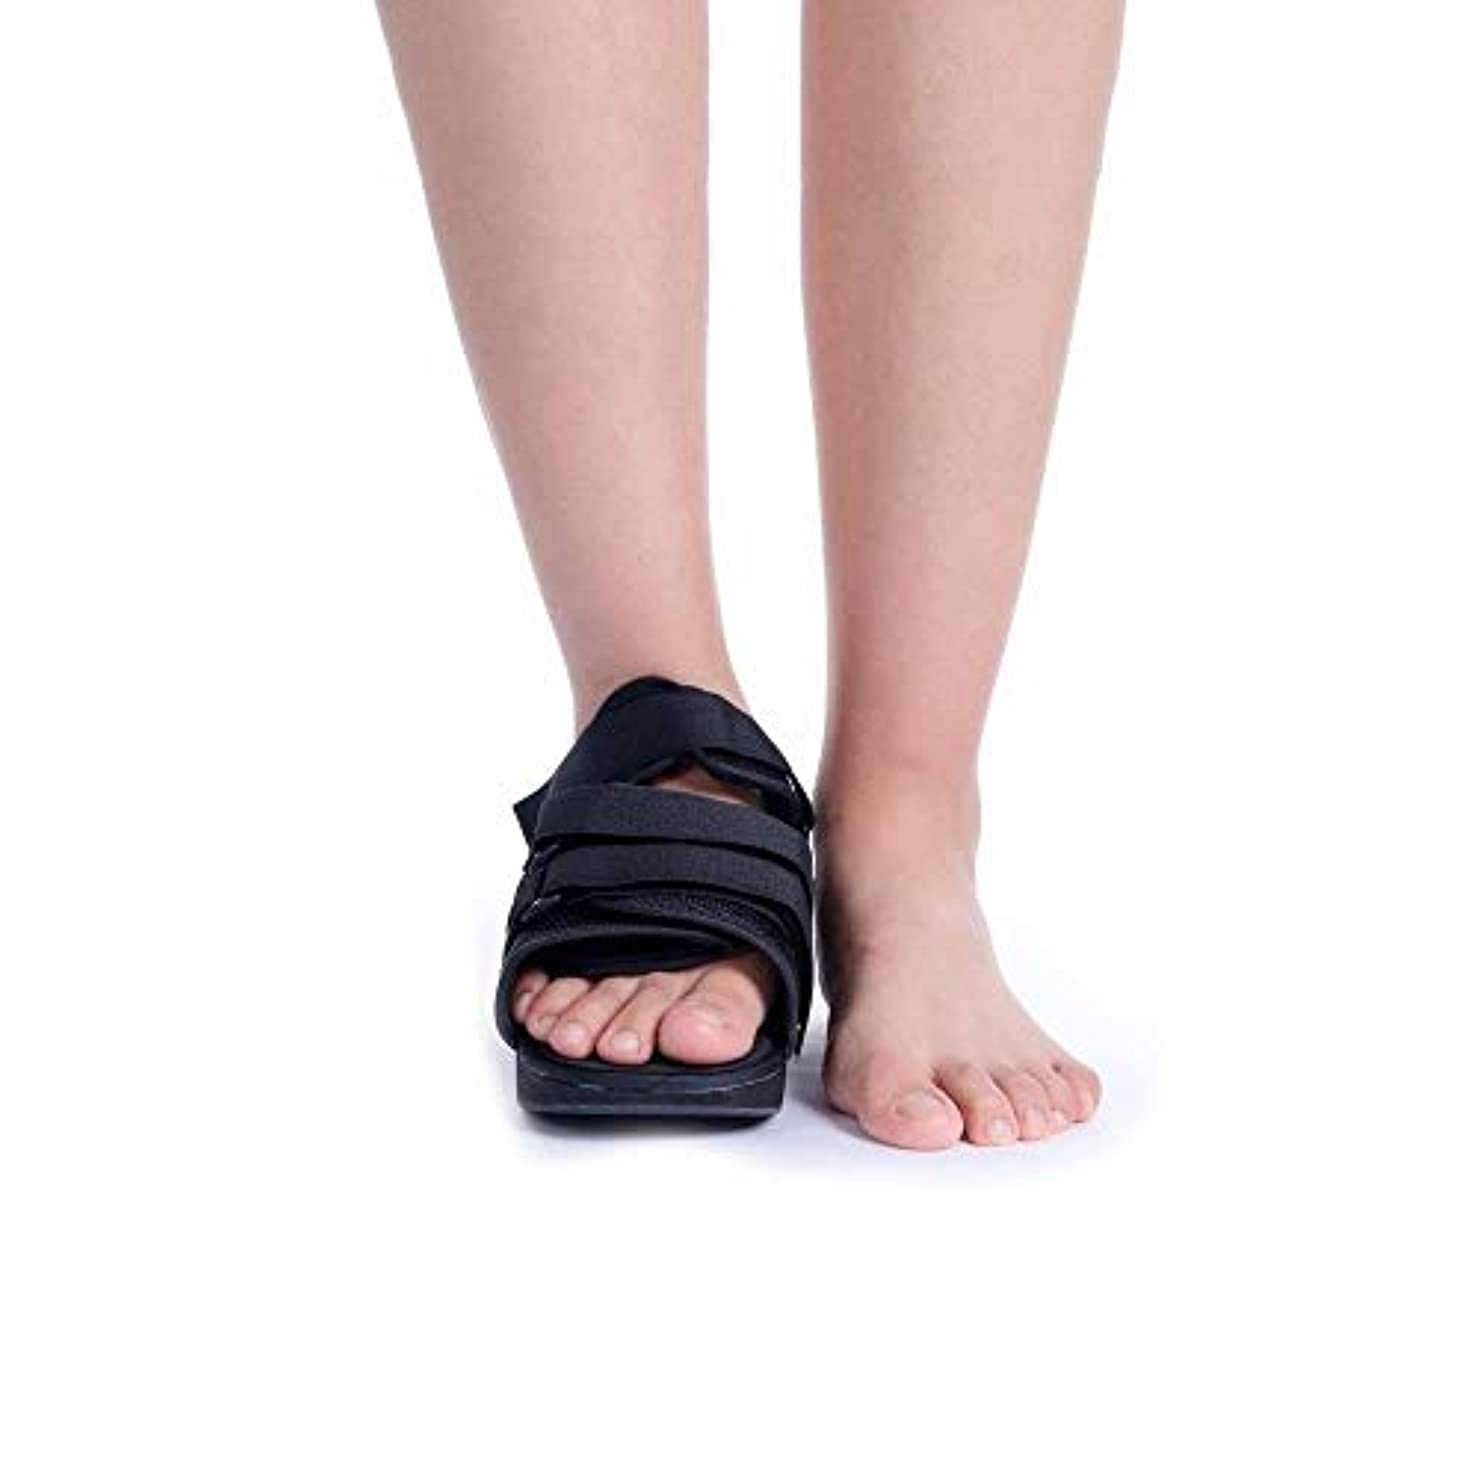 上向き老朽化した通路術後靴 - 従来の履物を使用することができない場合に、足またはつま先の手術/手術に最適です。 (Size : S)